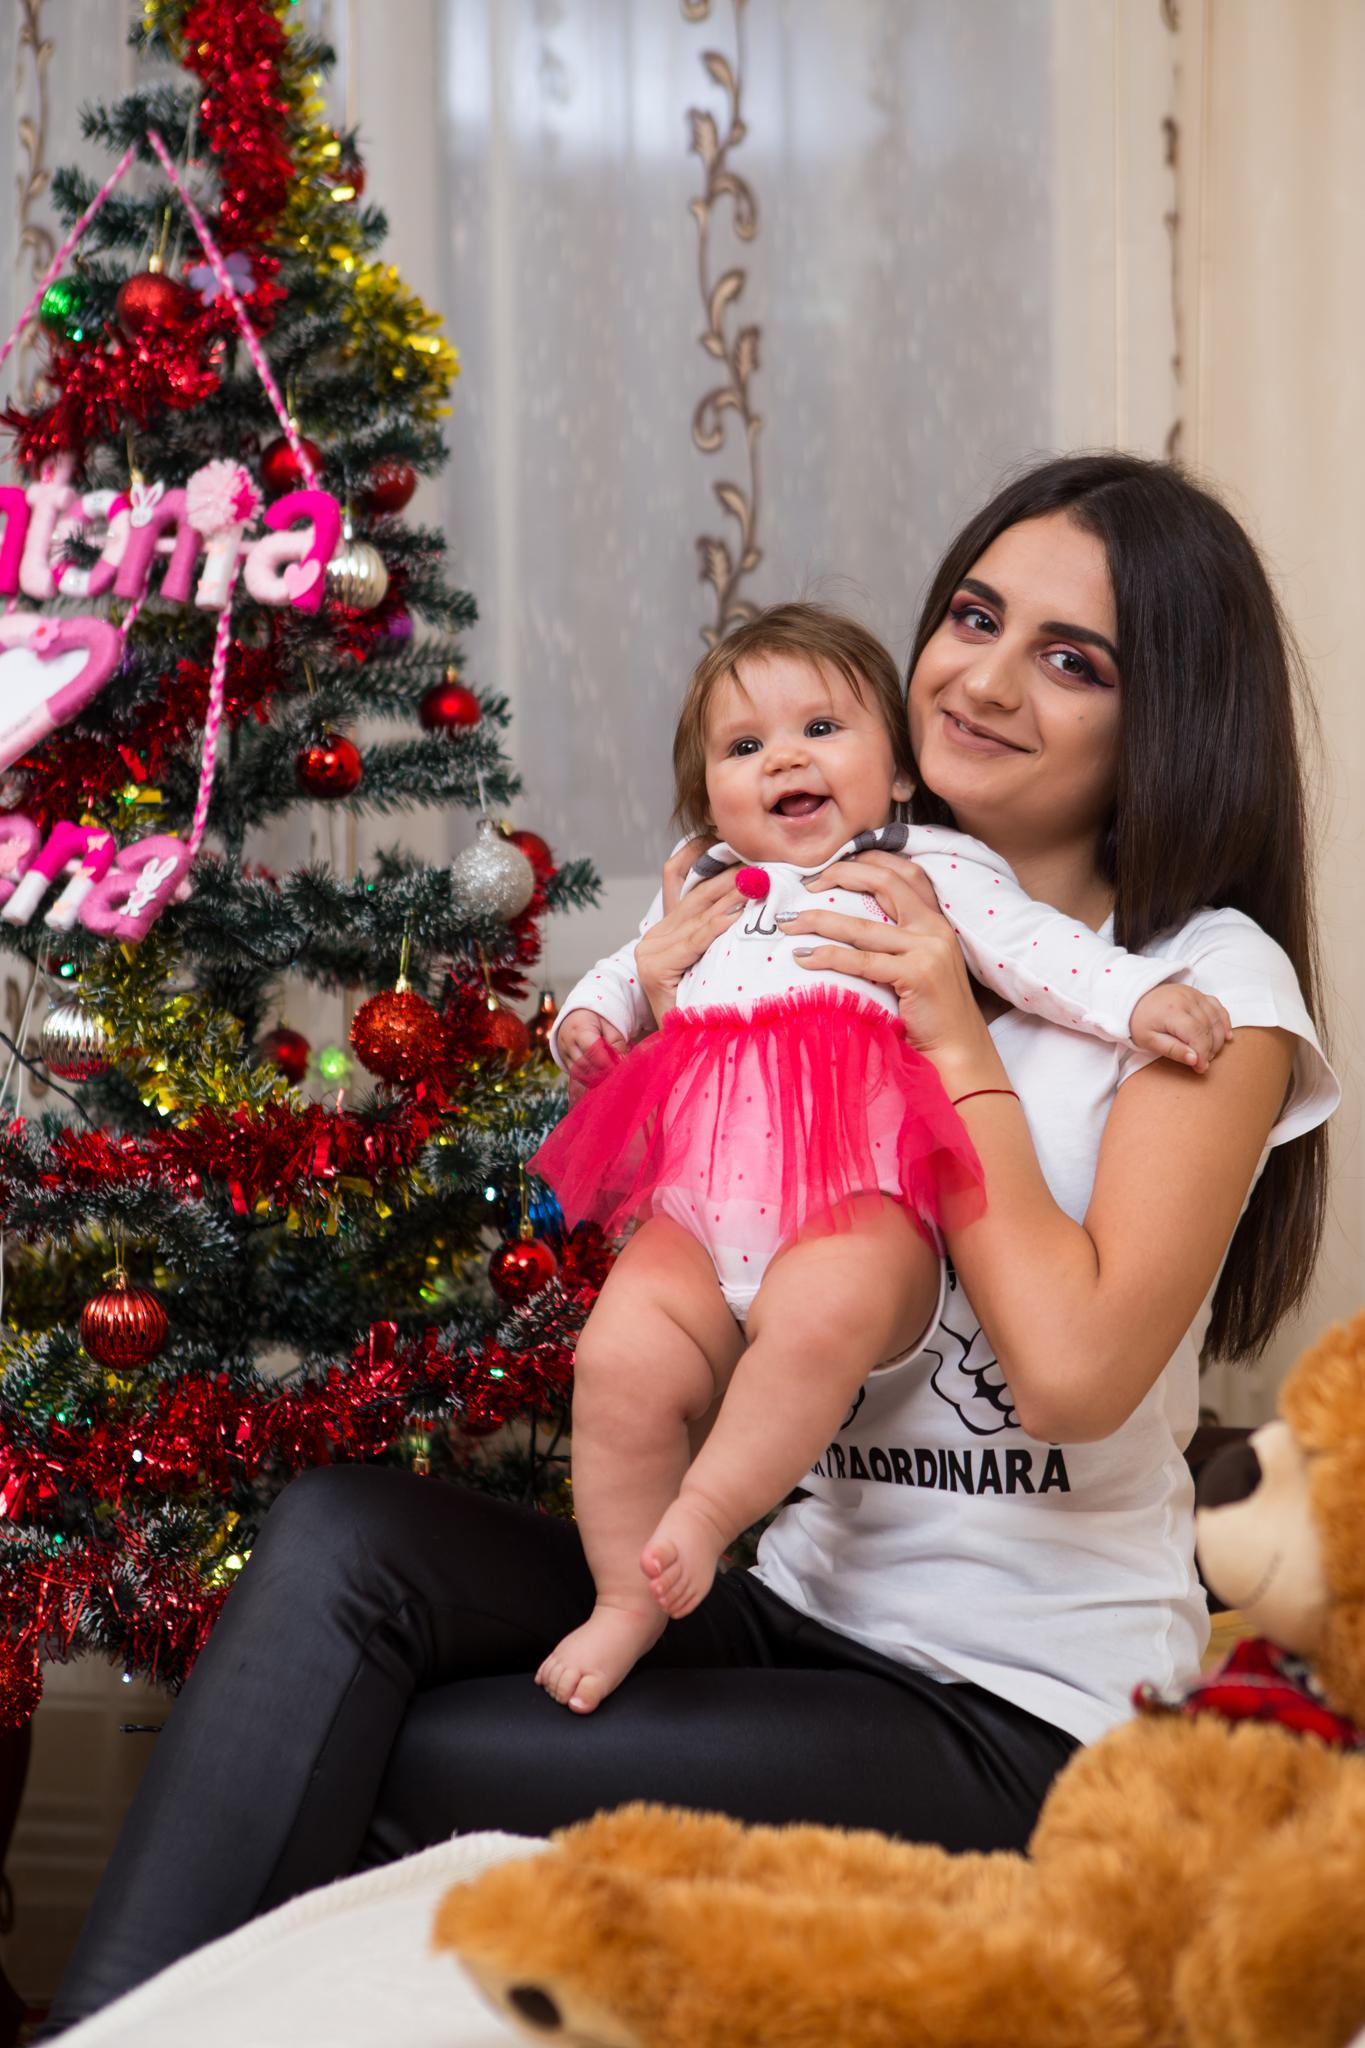 antonia elena 335 of 350 Ședință foto de Crăciun